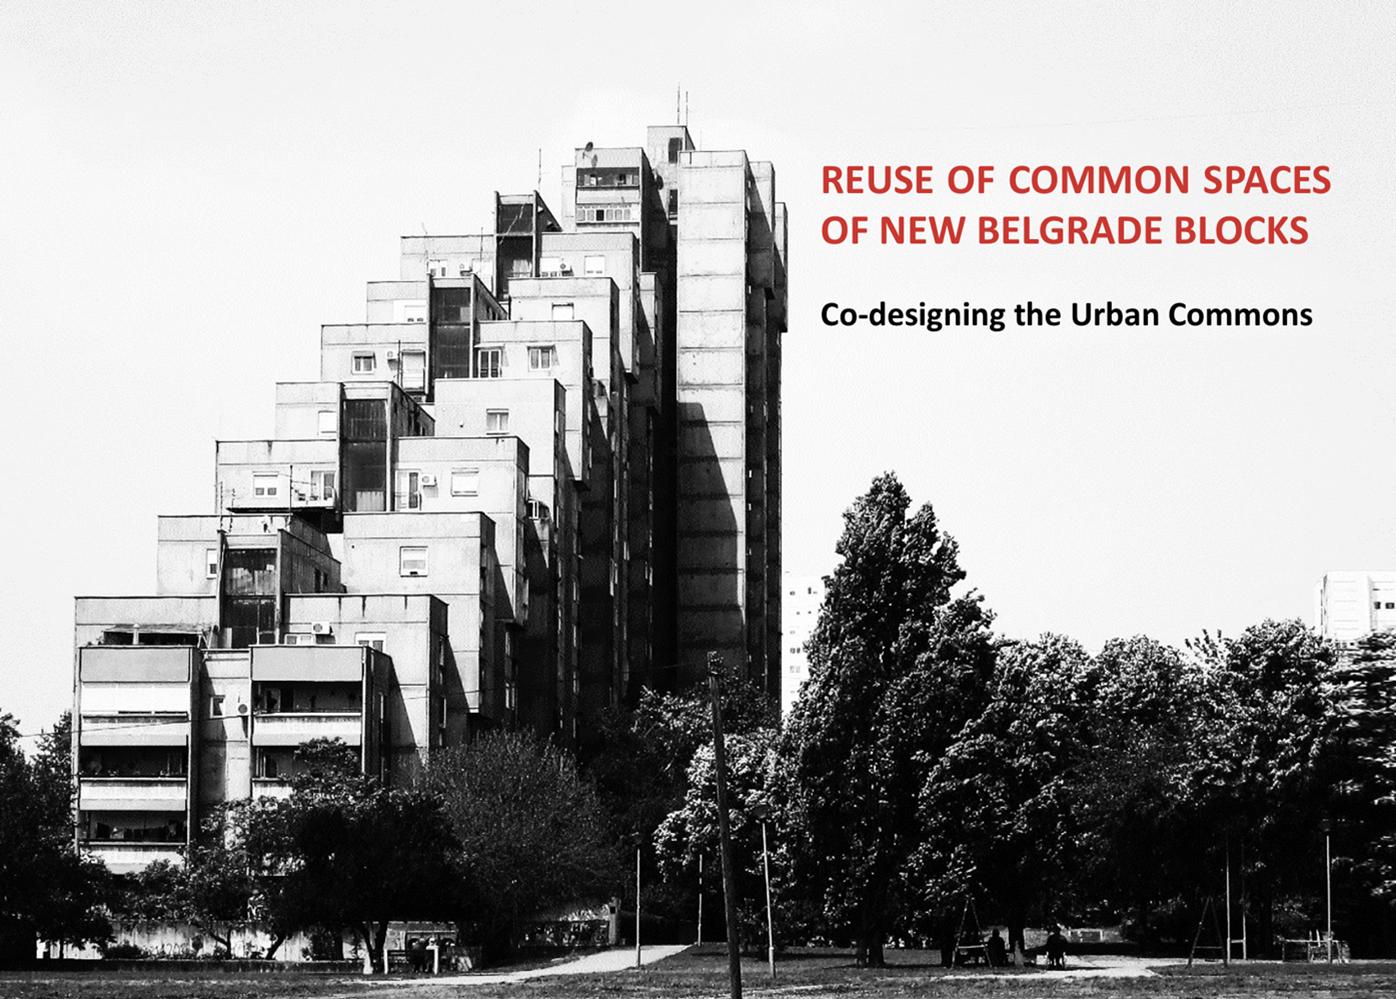 Одржана радионица   Reuse of Common Spaces of New Belgrade Blocks: Co-designing the Urban Commons